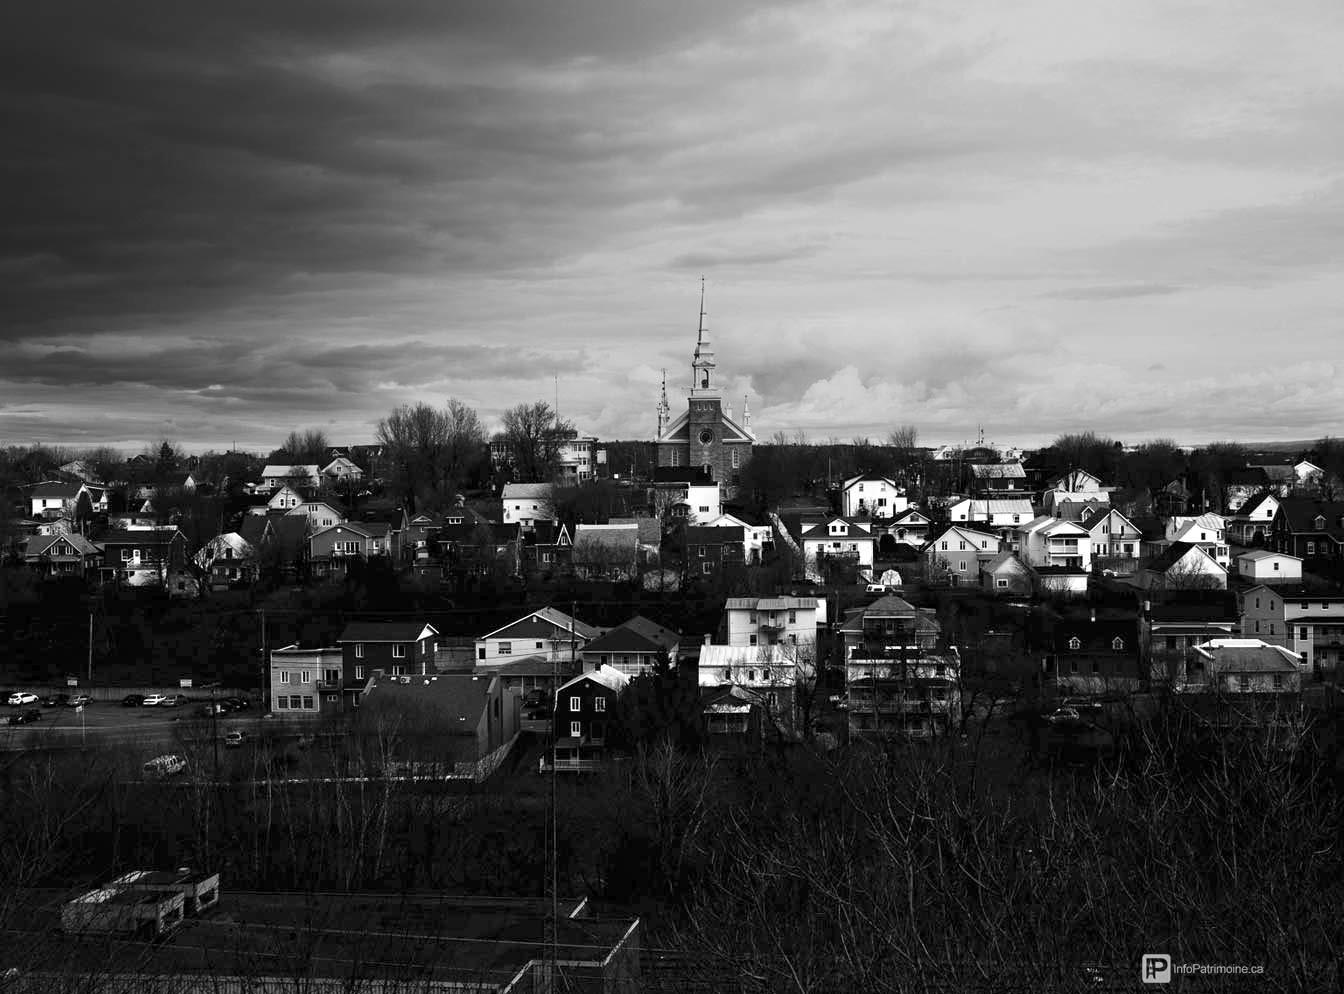 Rivière-du-Loup - Quartier de la gare (2015) (Auteur : Nicolas Gagnon)